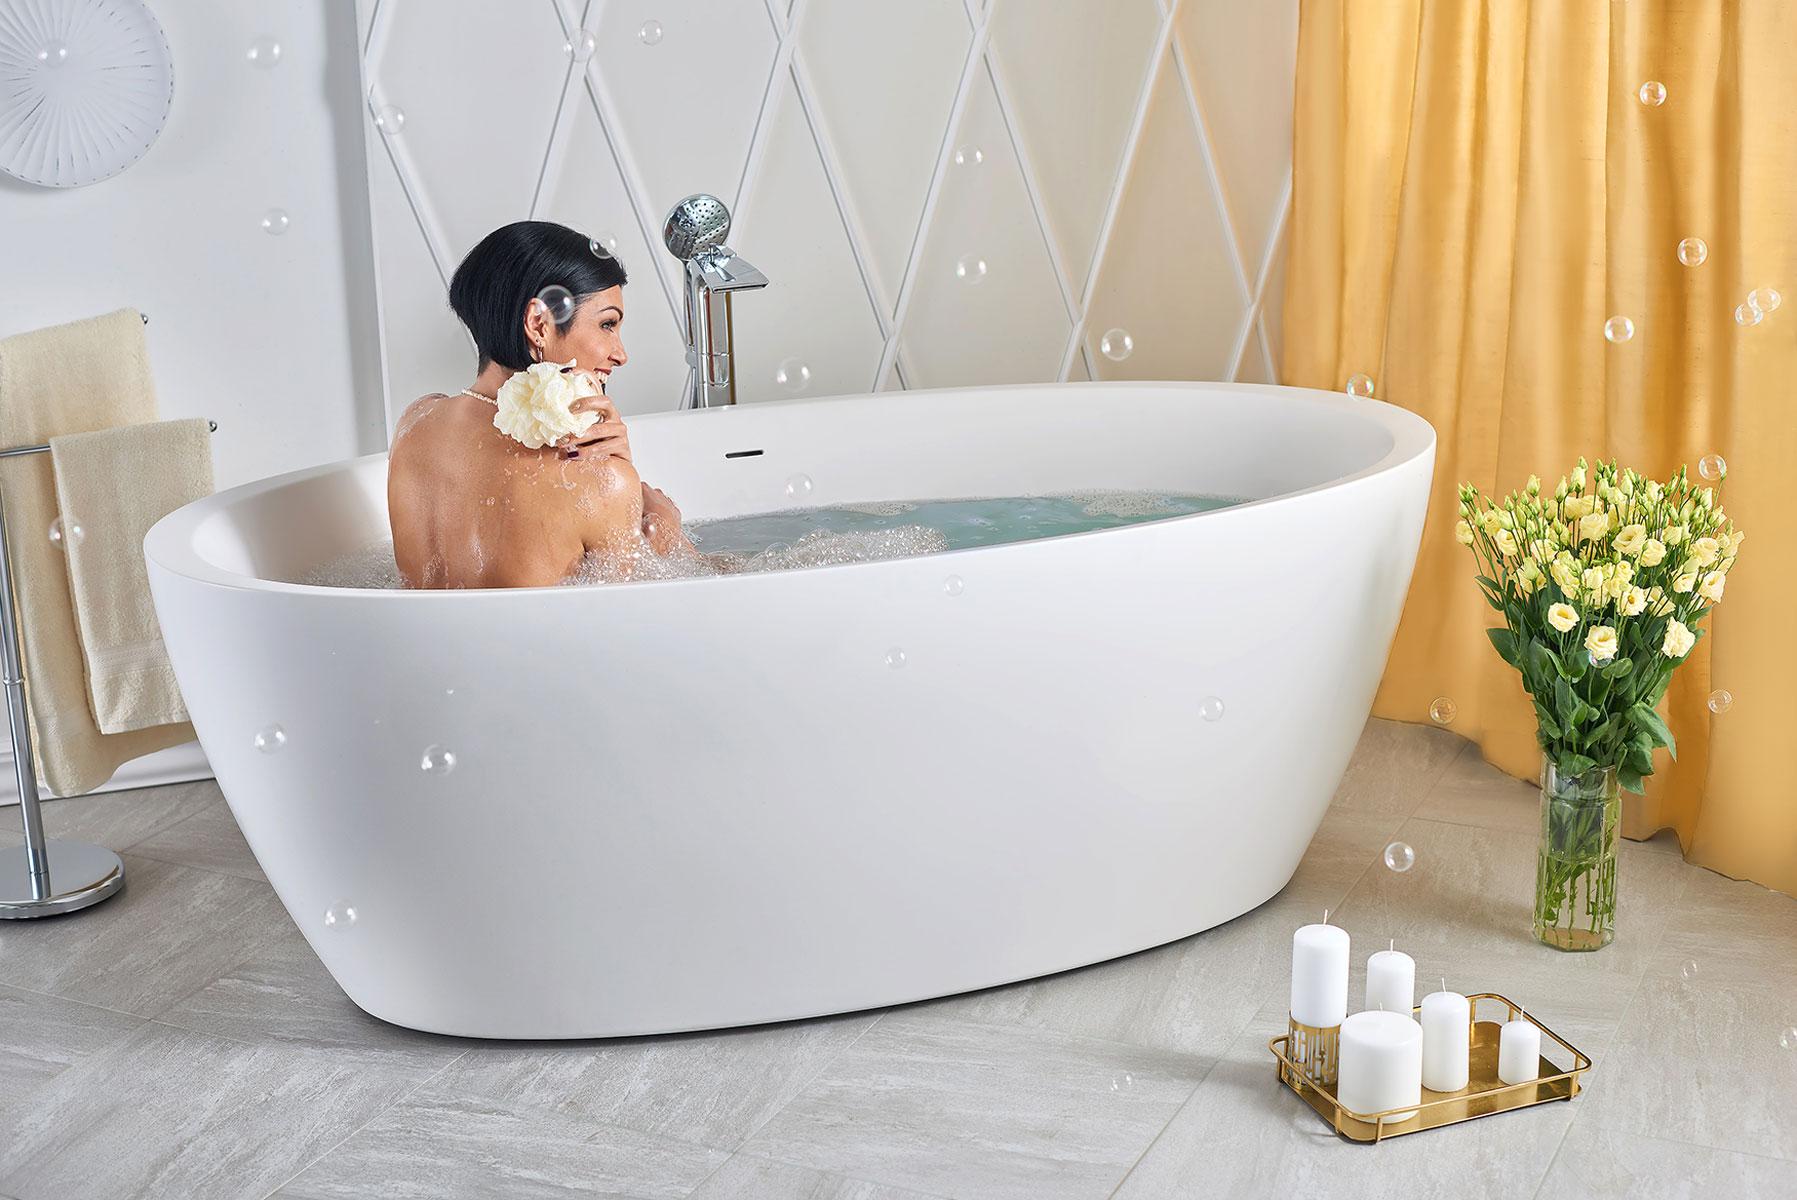 Vasca Da Appoggio : Vasca freestanding di aquatica sensuality wht™ in solid surface